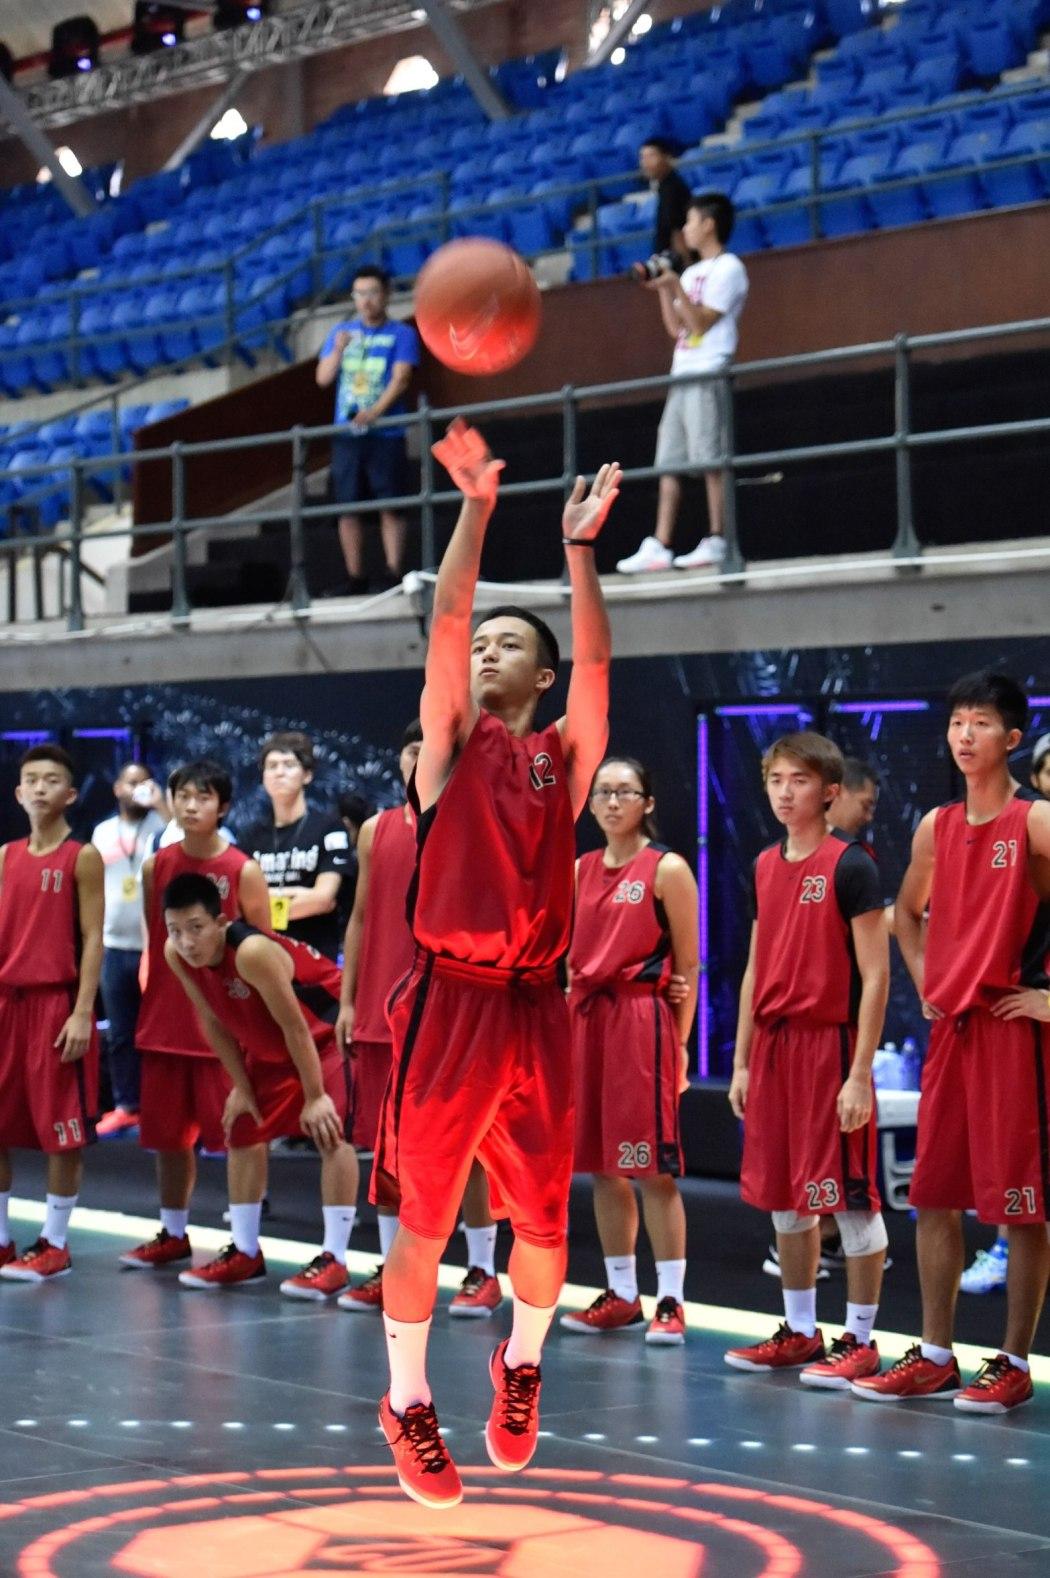 艾孜買提:Kobe從低潮不斷攀爬到了頂峰,回擊了所有批評,照他的樣子努力,我的夢想也能實現